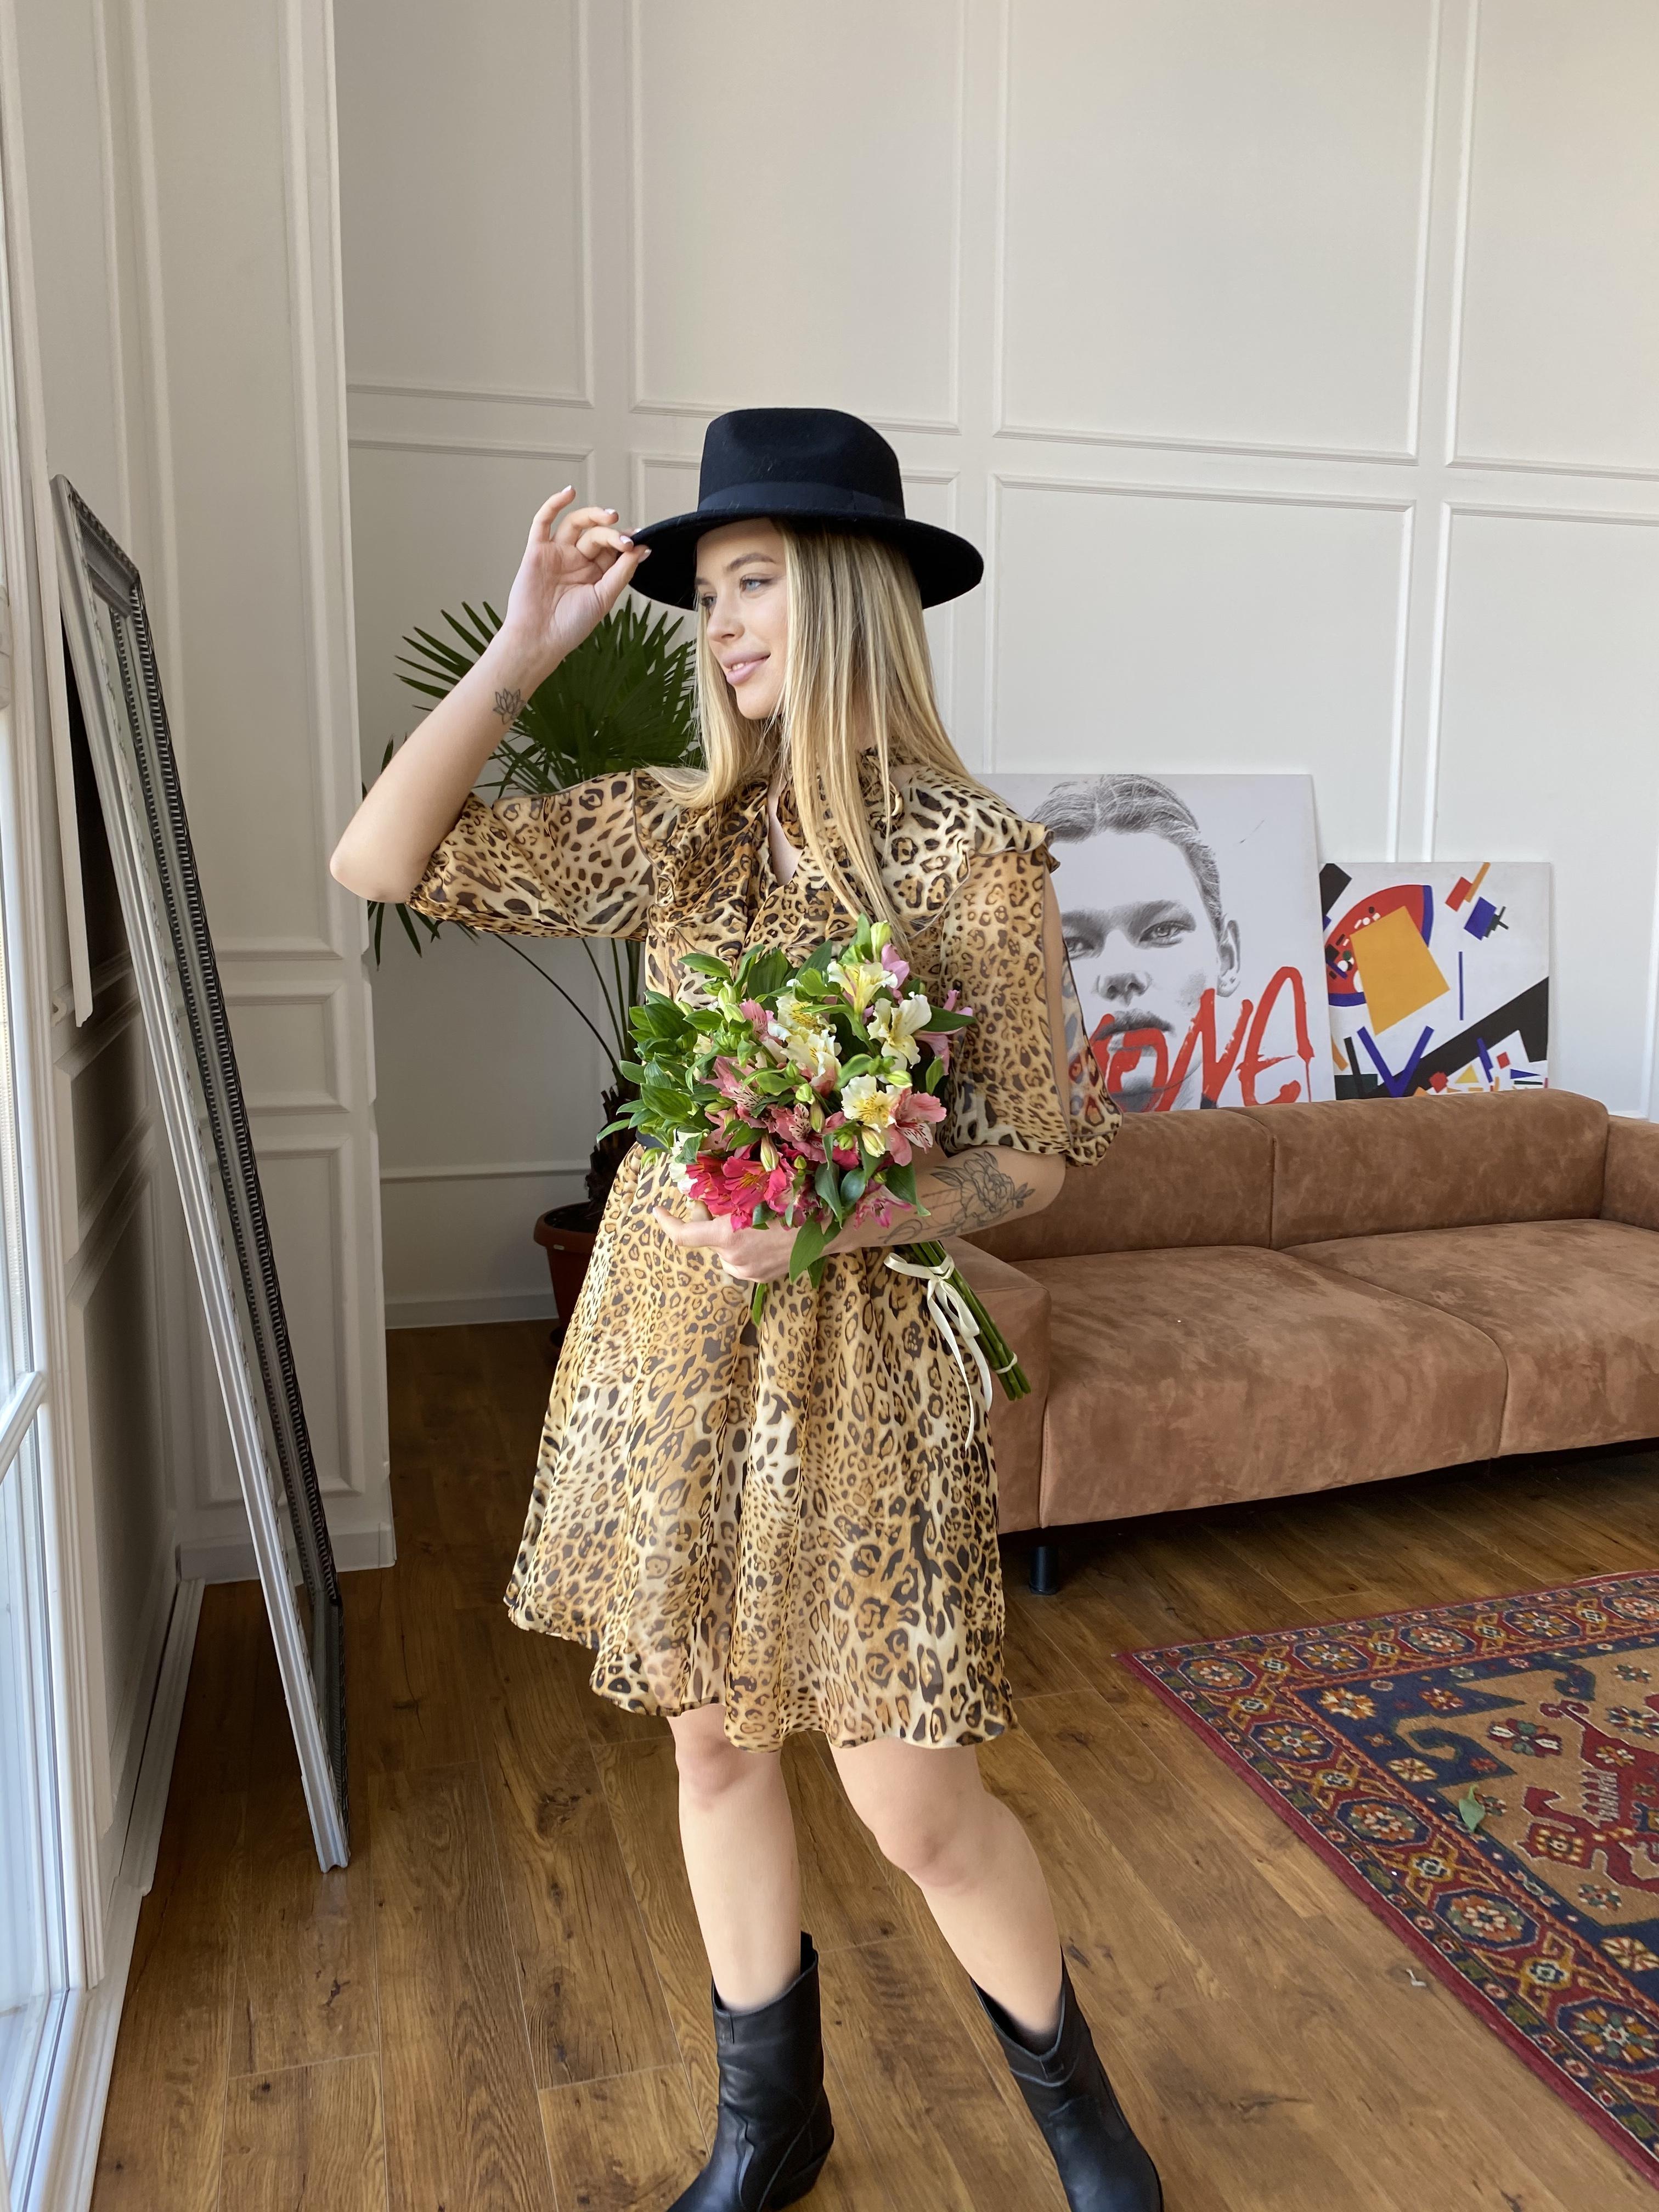 Блюз платье в леопардовый принт 7093 АРТ. 42551 Цвет: Леопард 2 - фото 6, интернет магазин tm-modus.ru